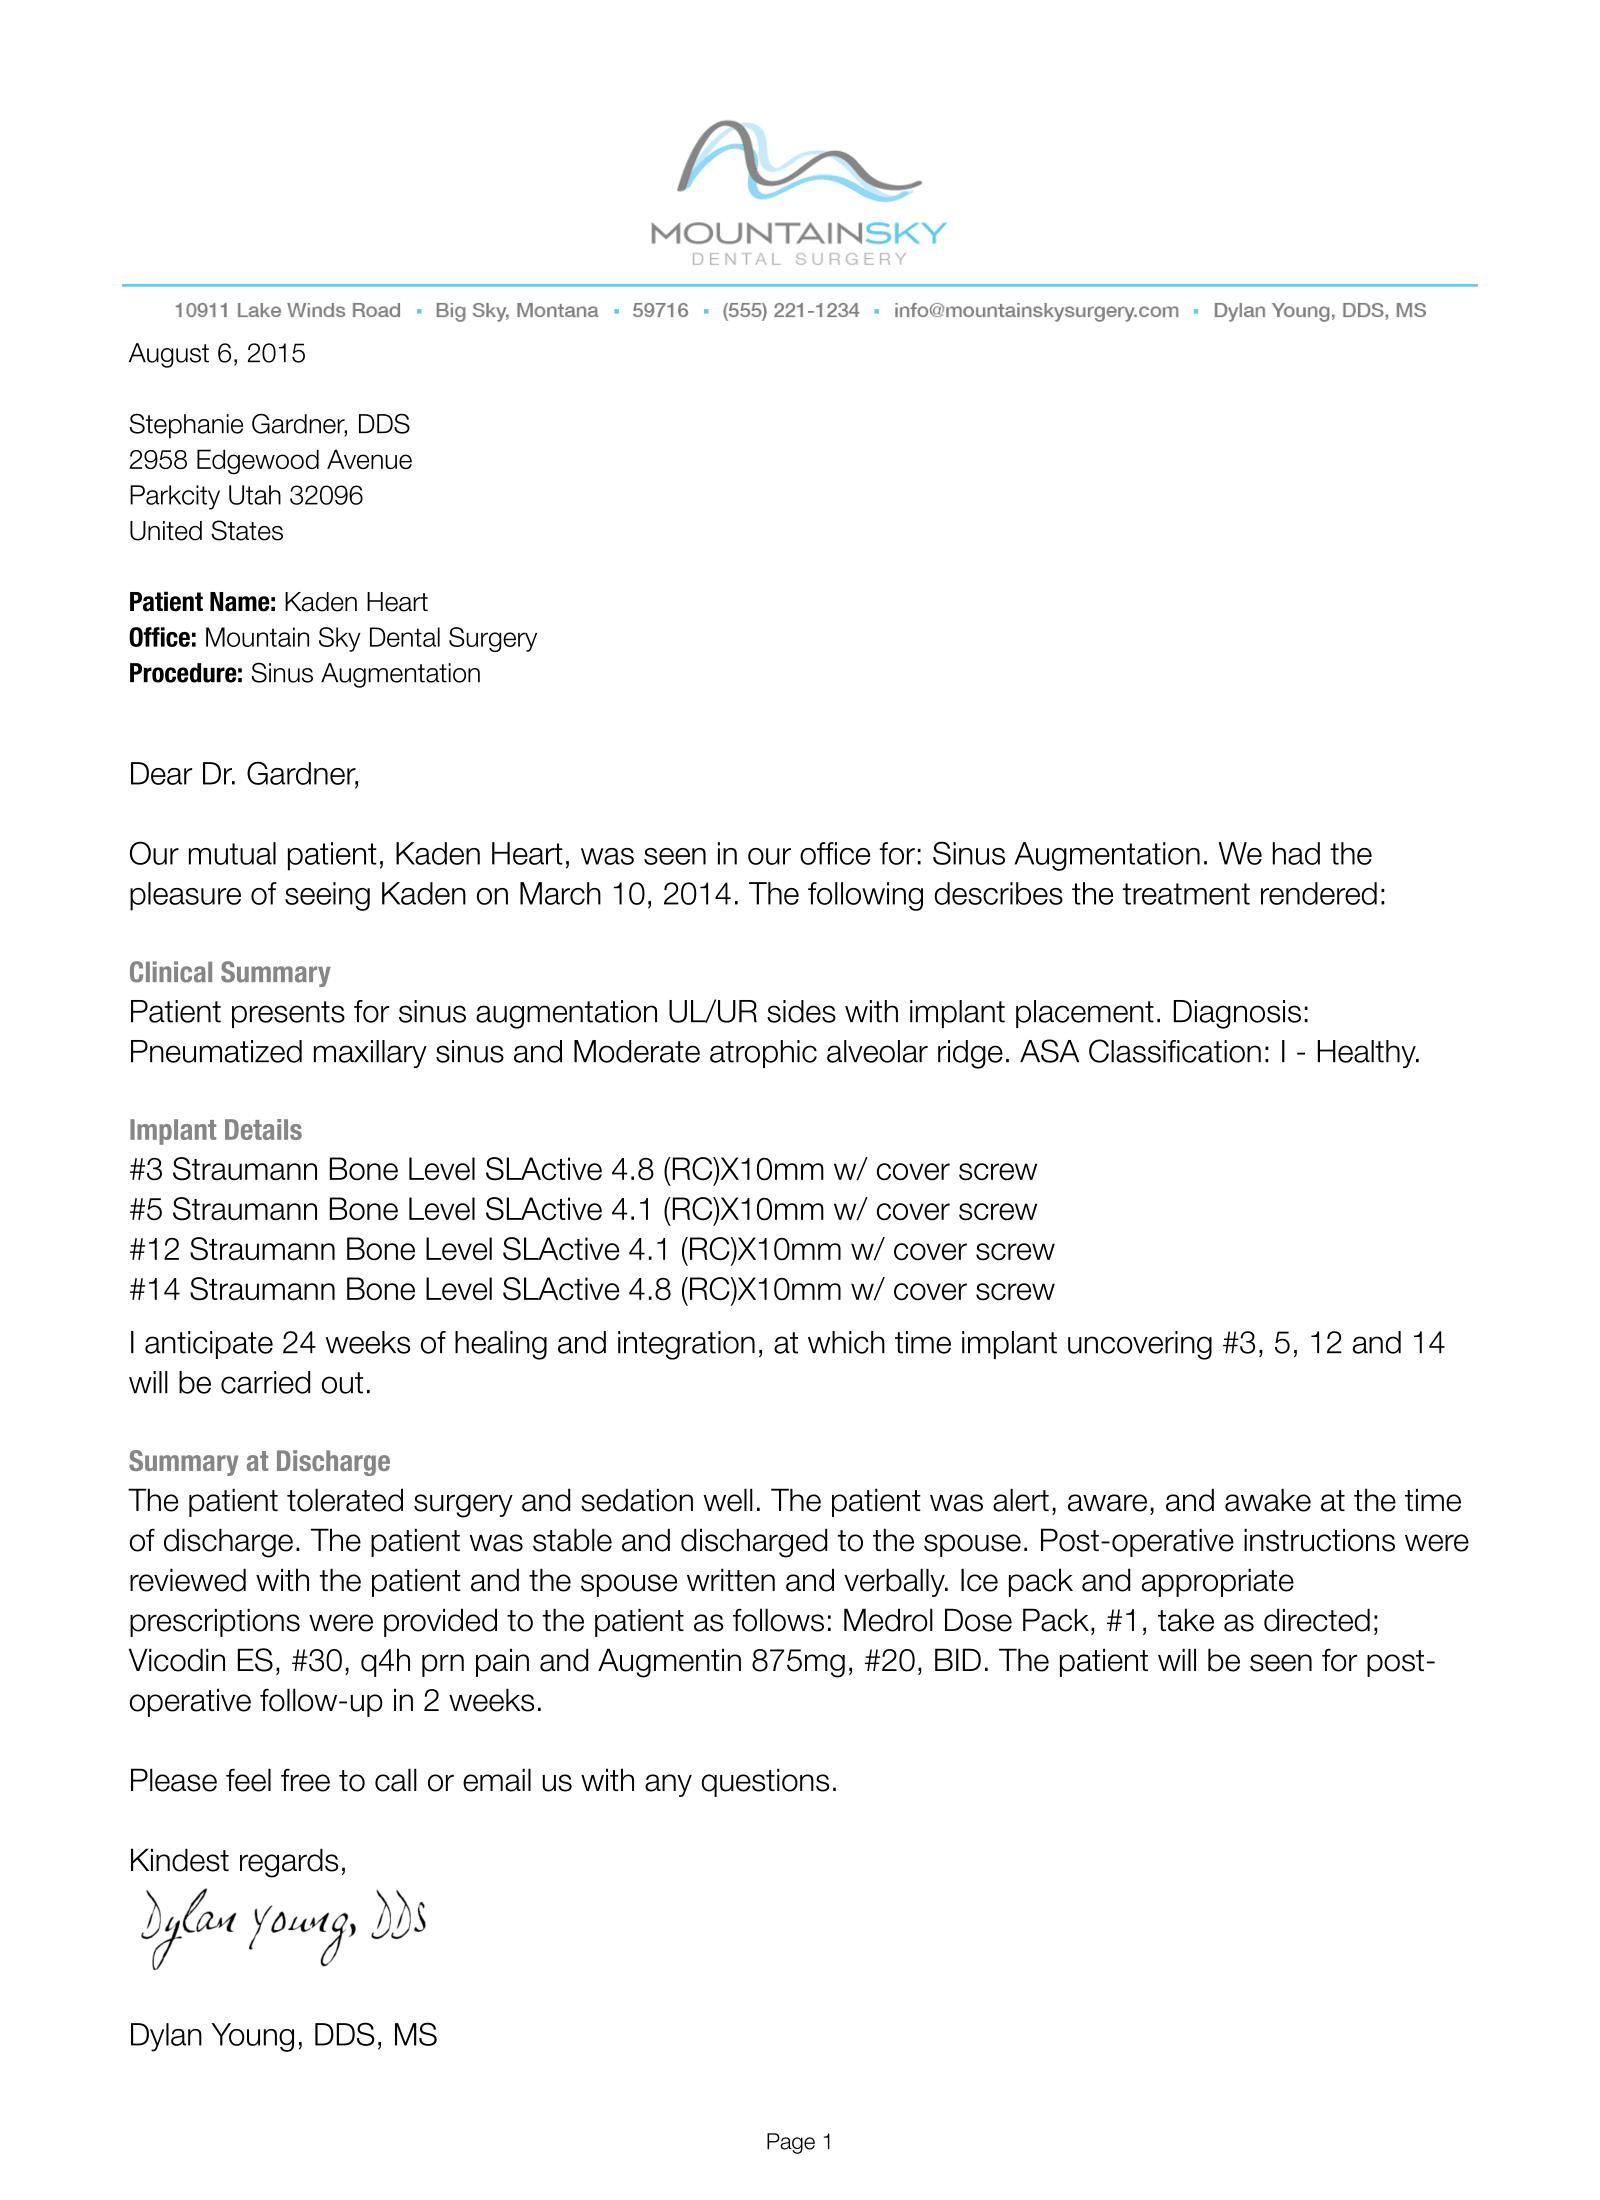 Patient Appointment Letter